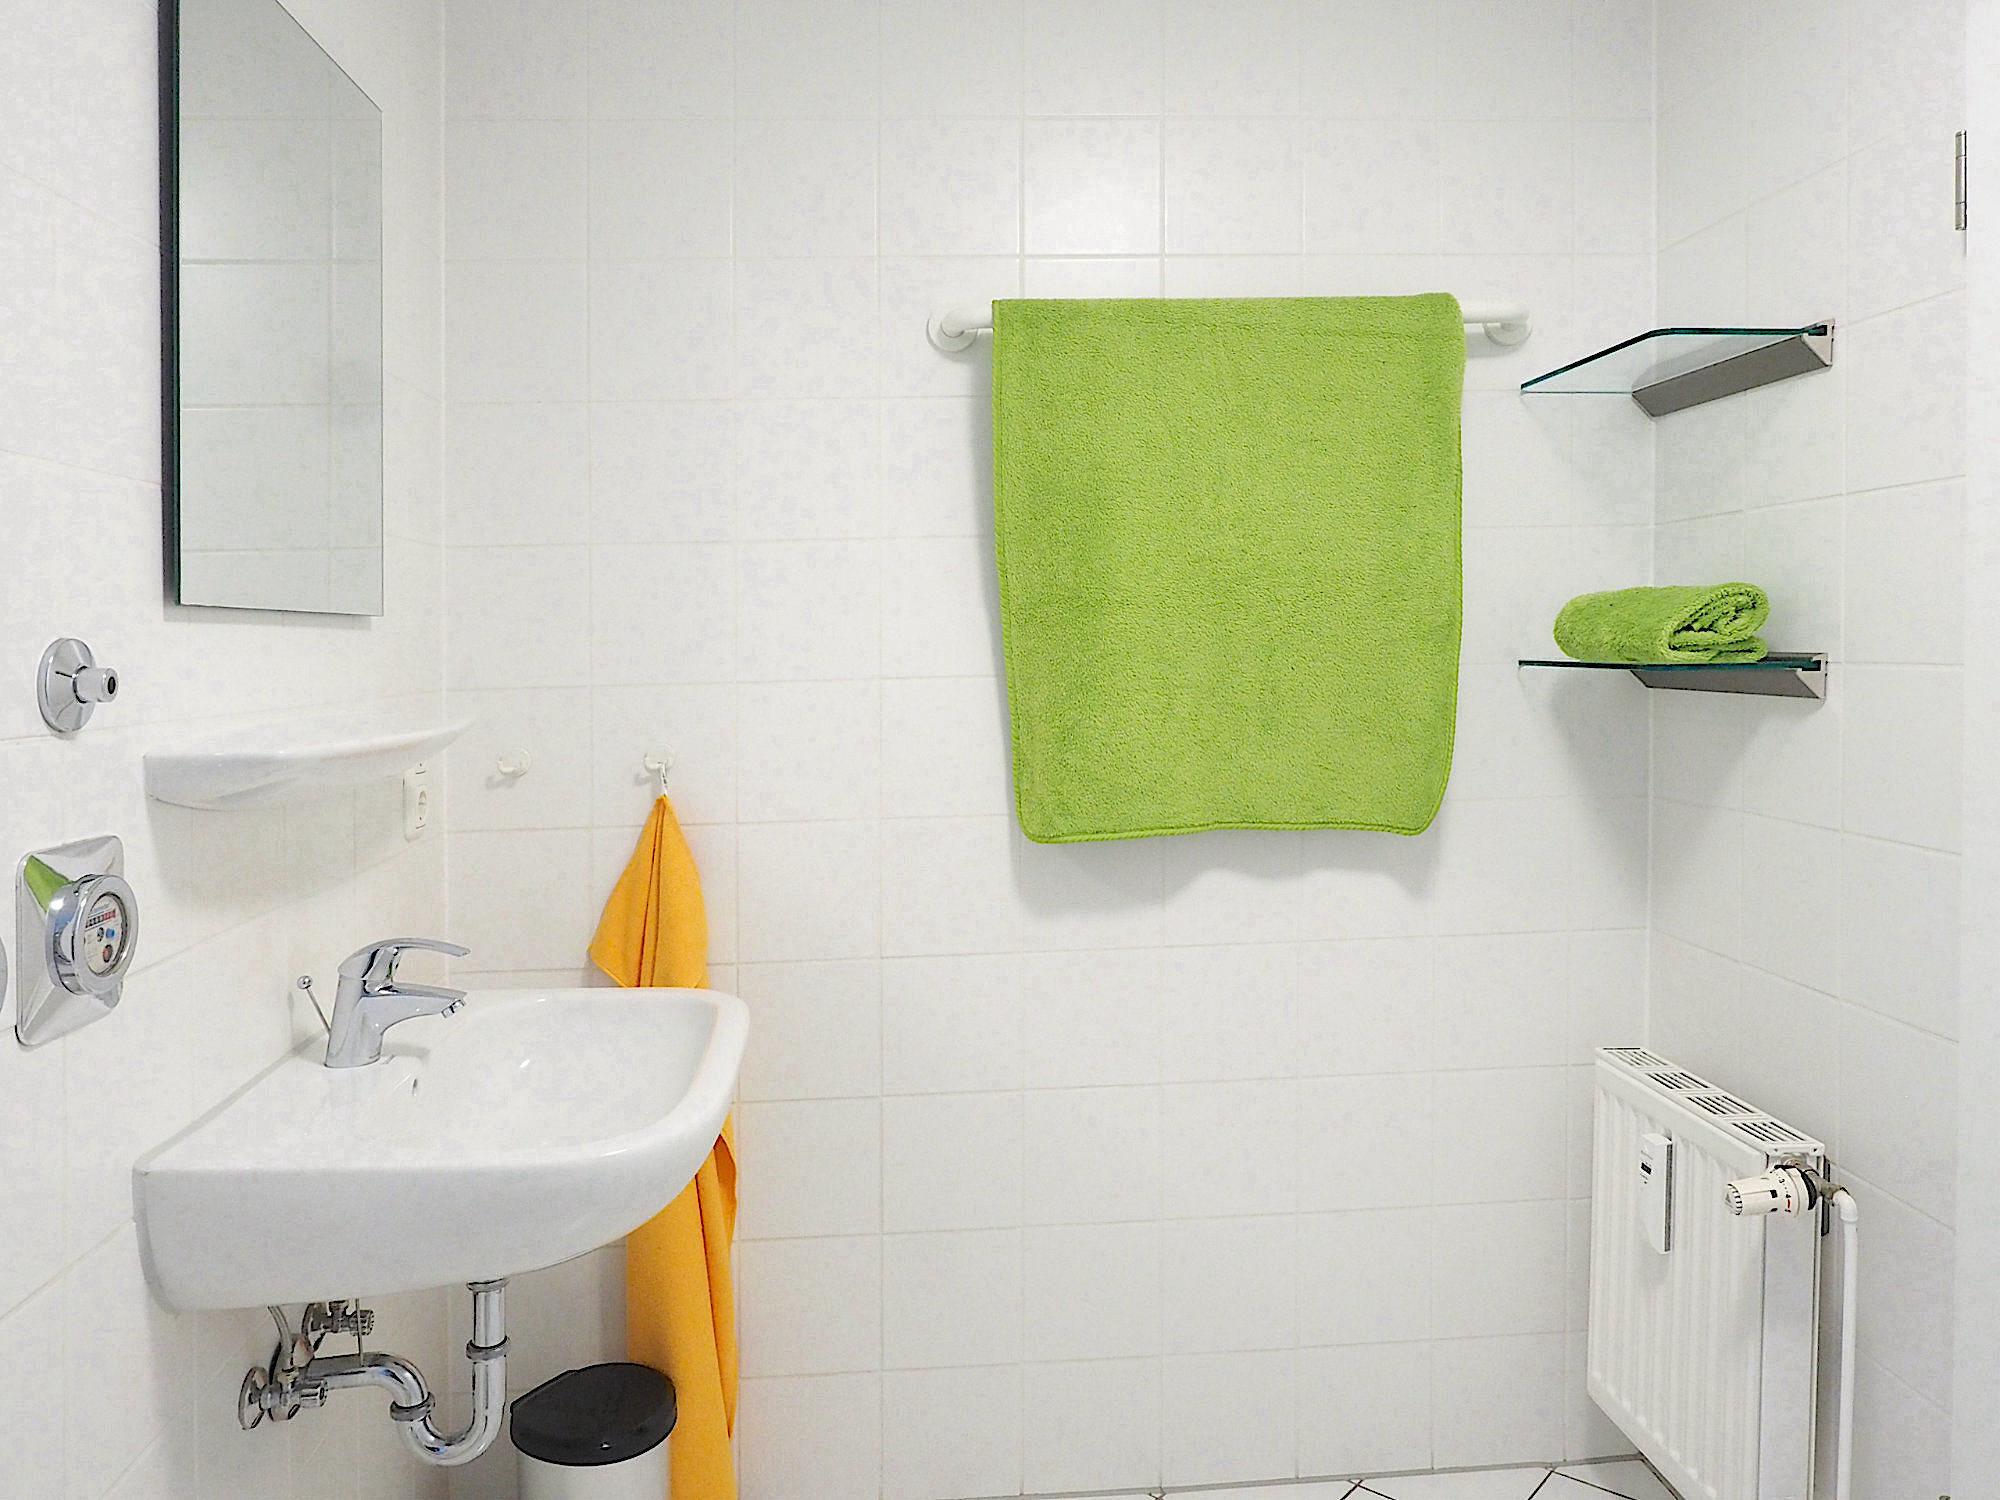 Duschbad mit Waschbecken und Regal